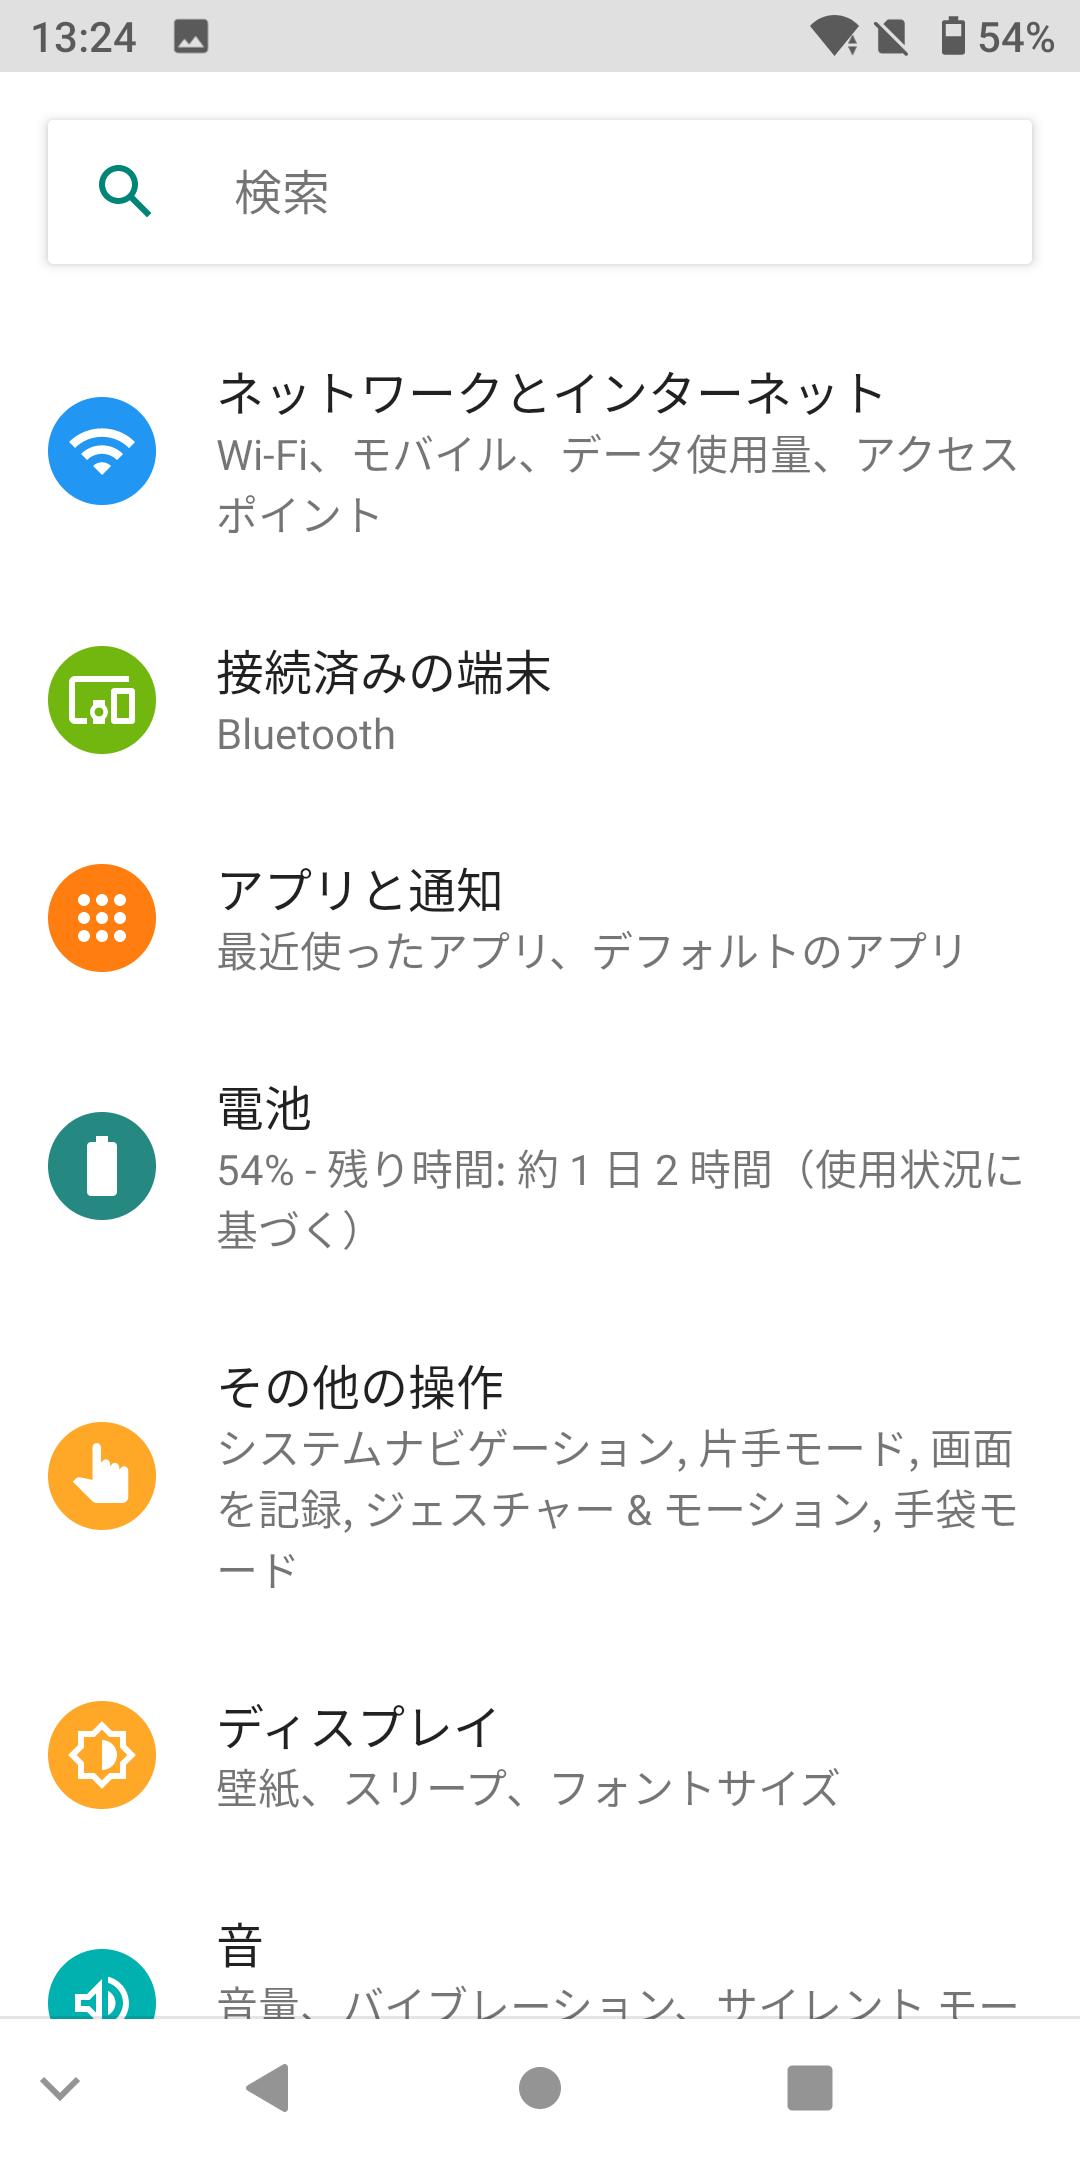 f:id:Azusa_Hirano:20200827173807p:plain